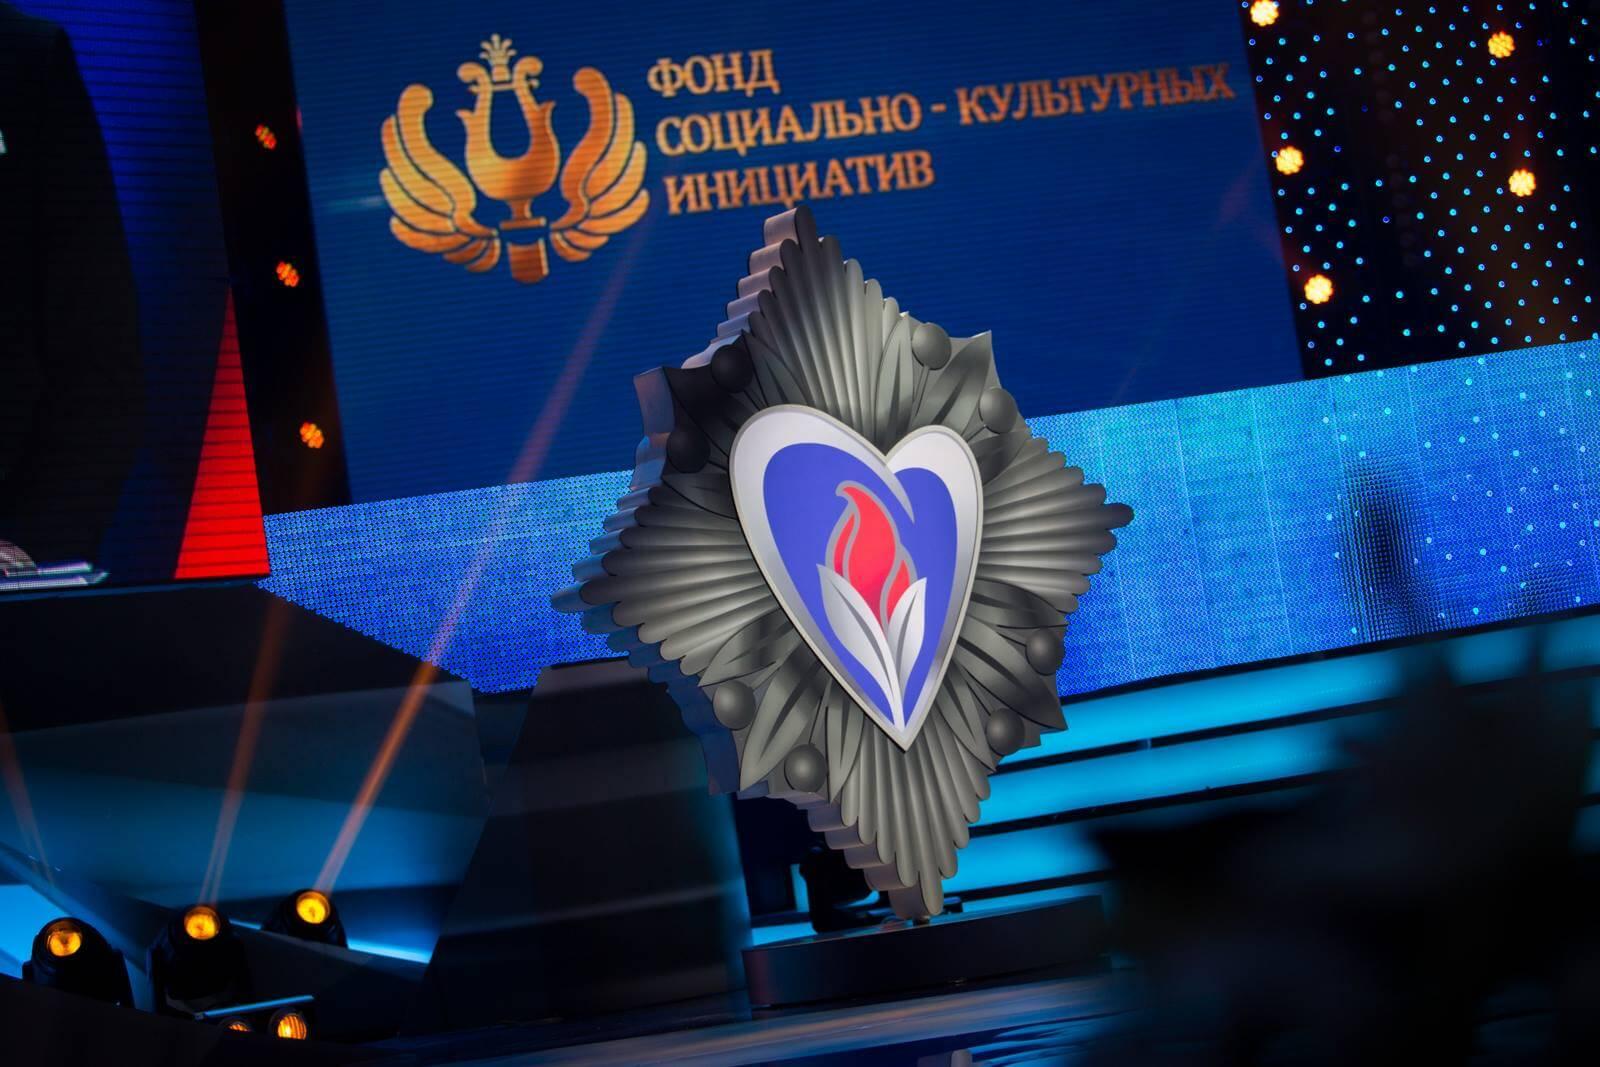 Трое подростков из Тверской области помогли задержать преступника